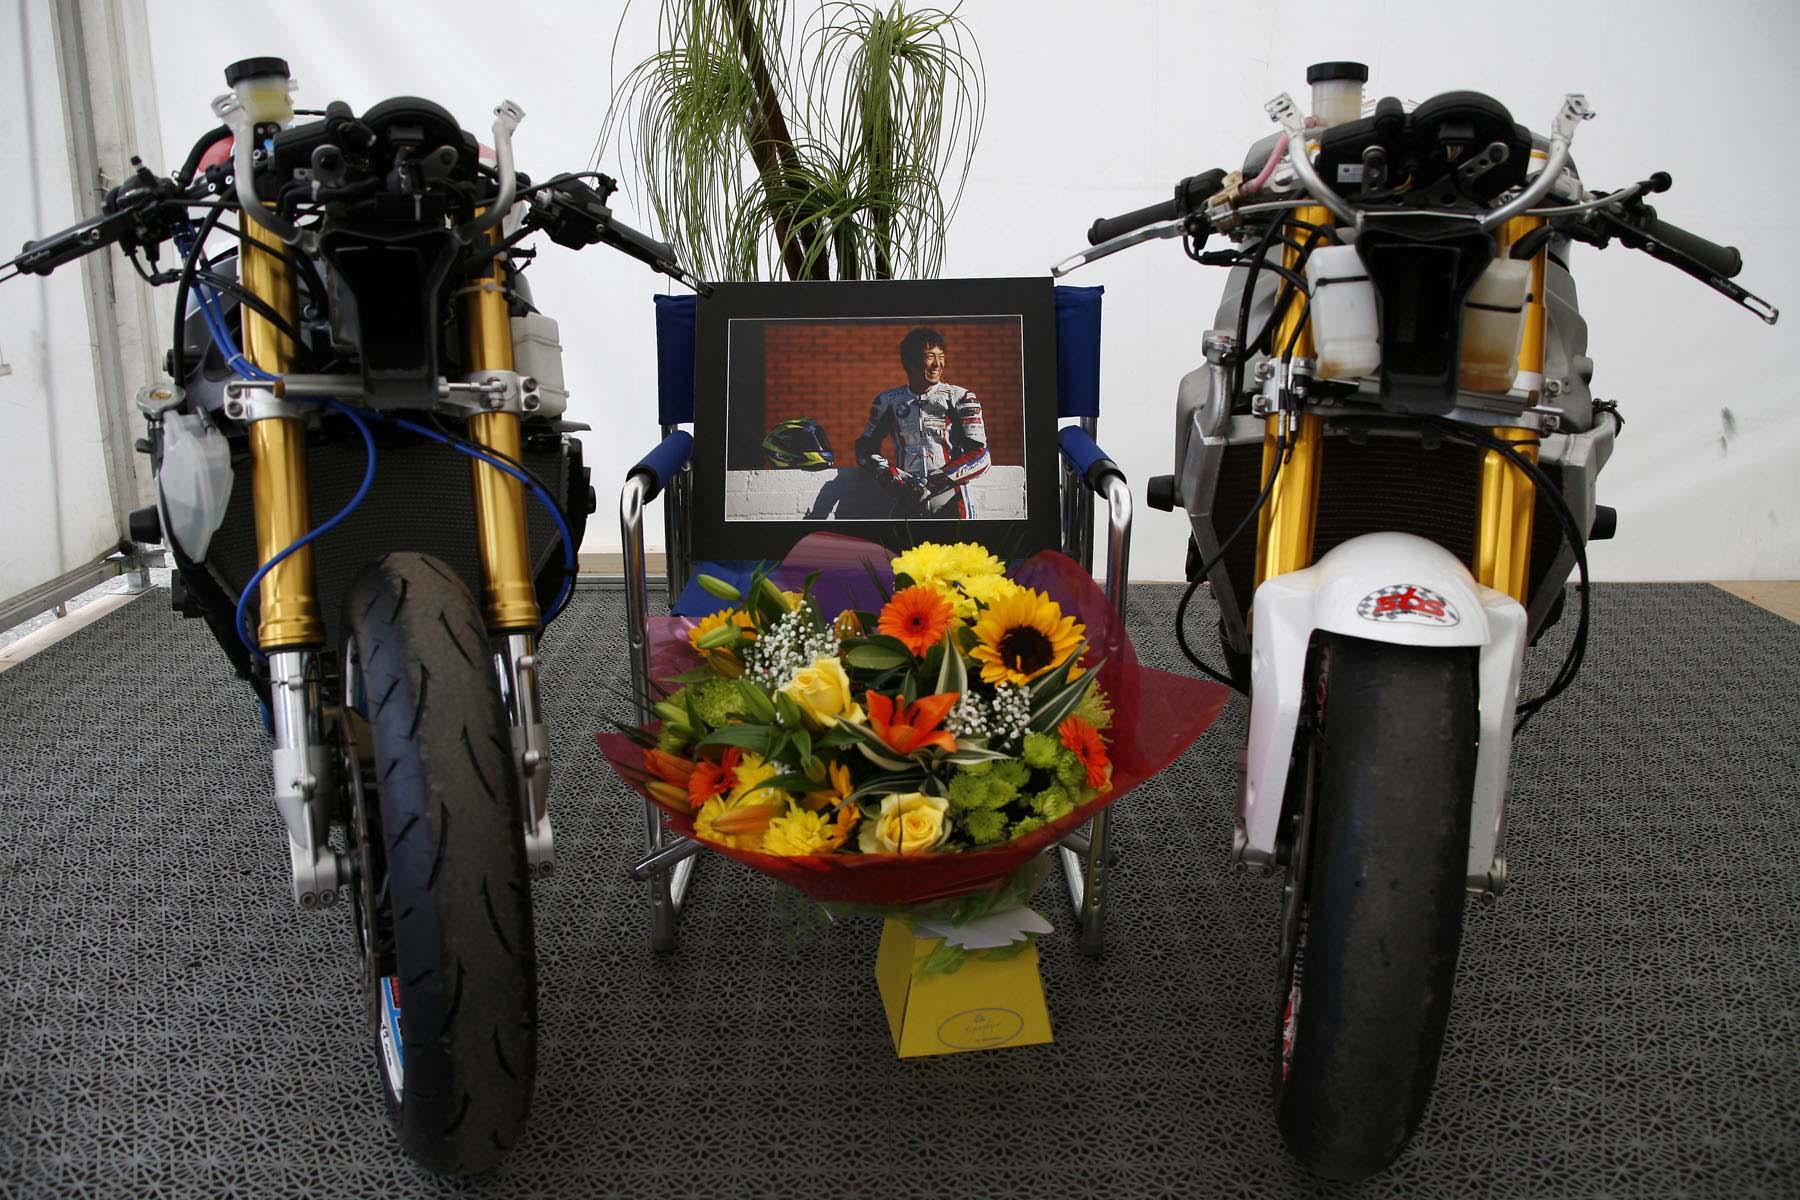 Isle-of-Man-TT-Richard-Mushet-Penz-tribute-to-Yoshi.jpg